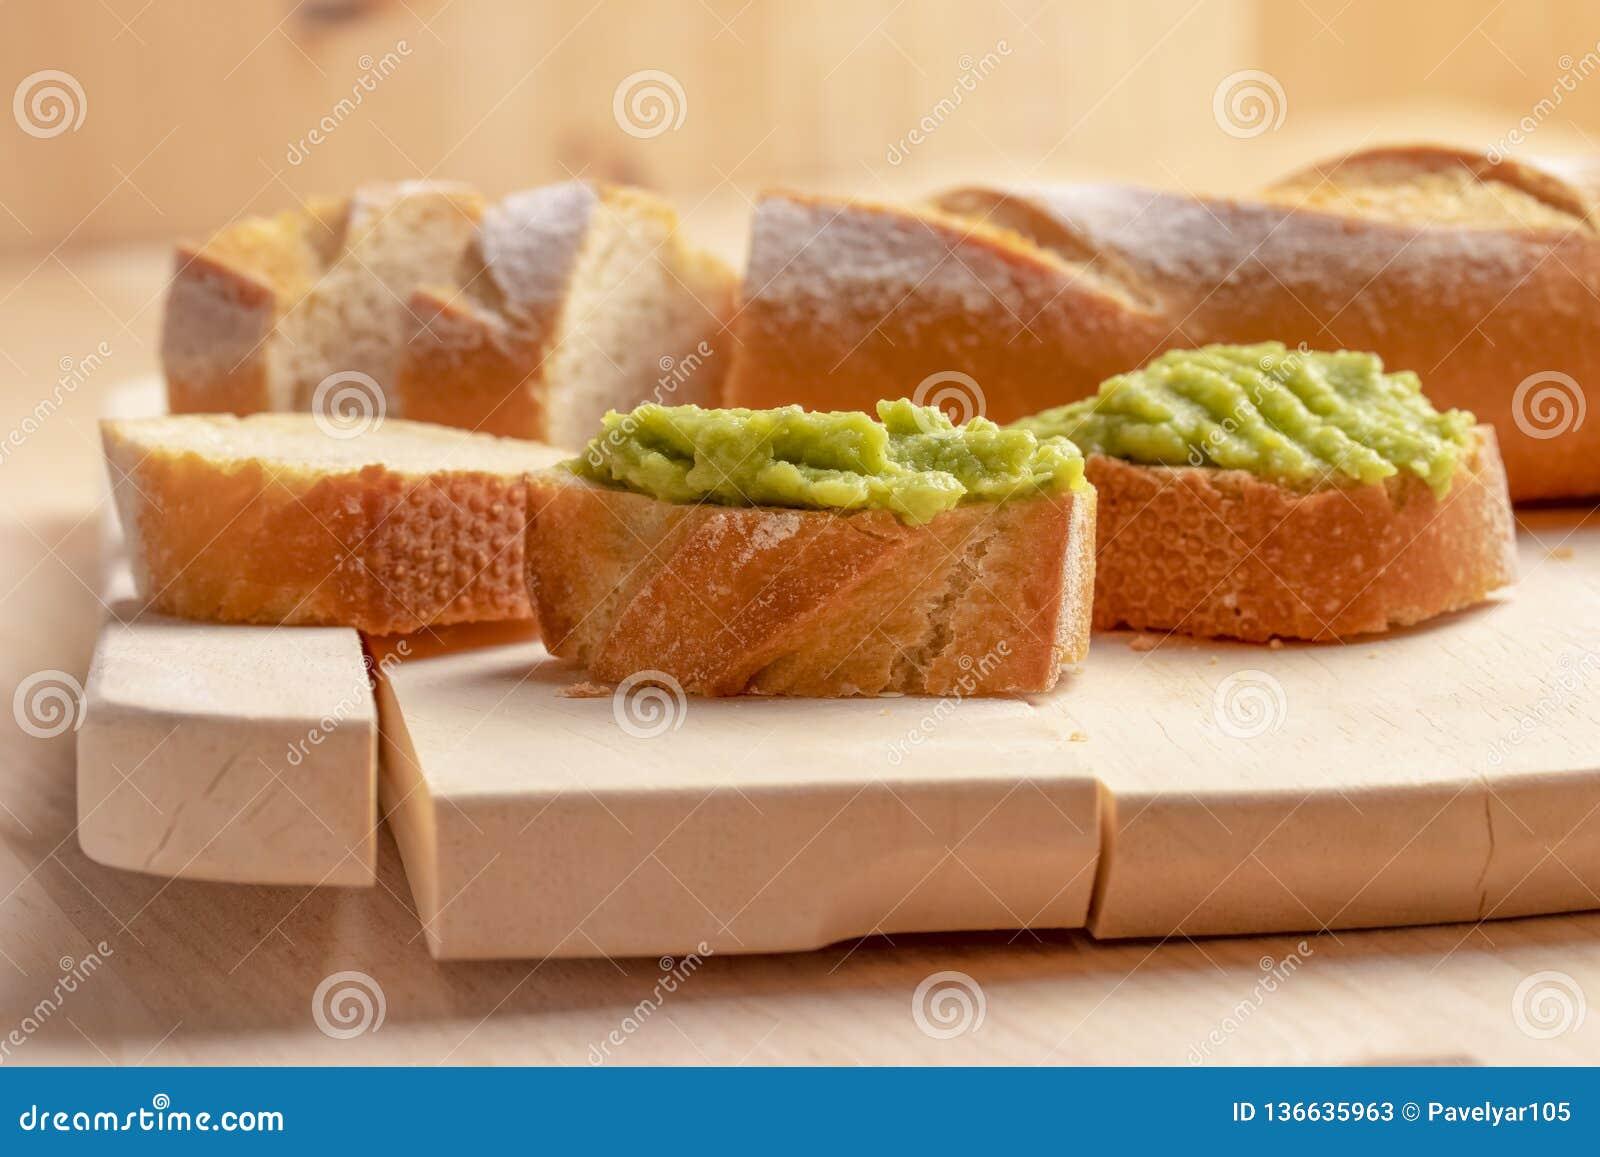 Fresh crunchy avocado cream sandwiches on sliced board